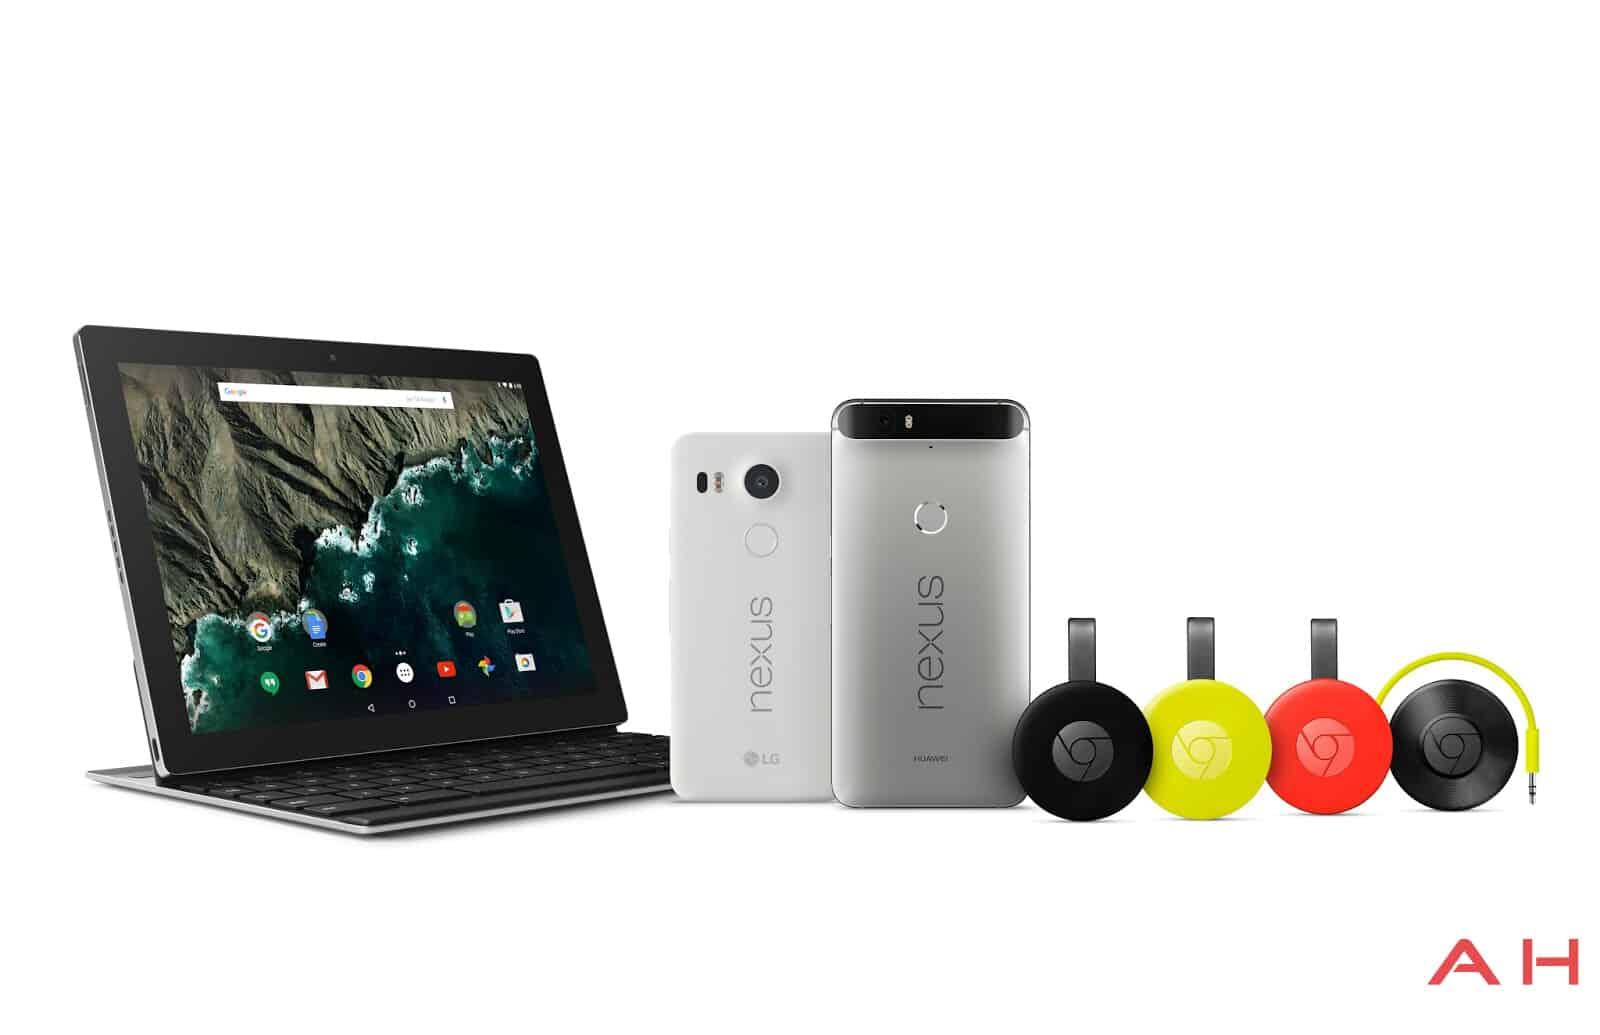 AH Nexus 5X Nexus 6P Chromecast Chromecast Audio Pixel C 11